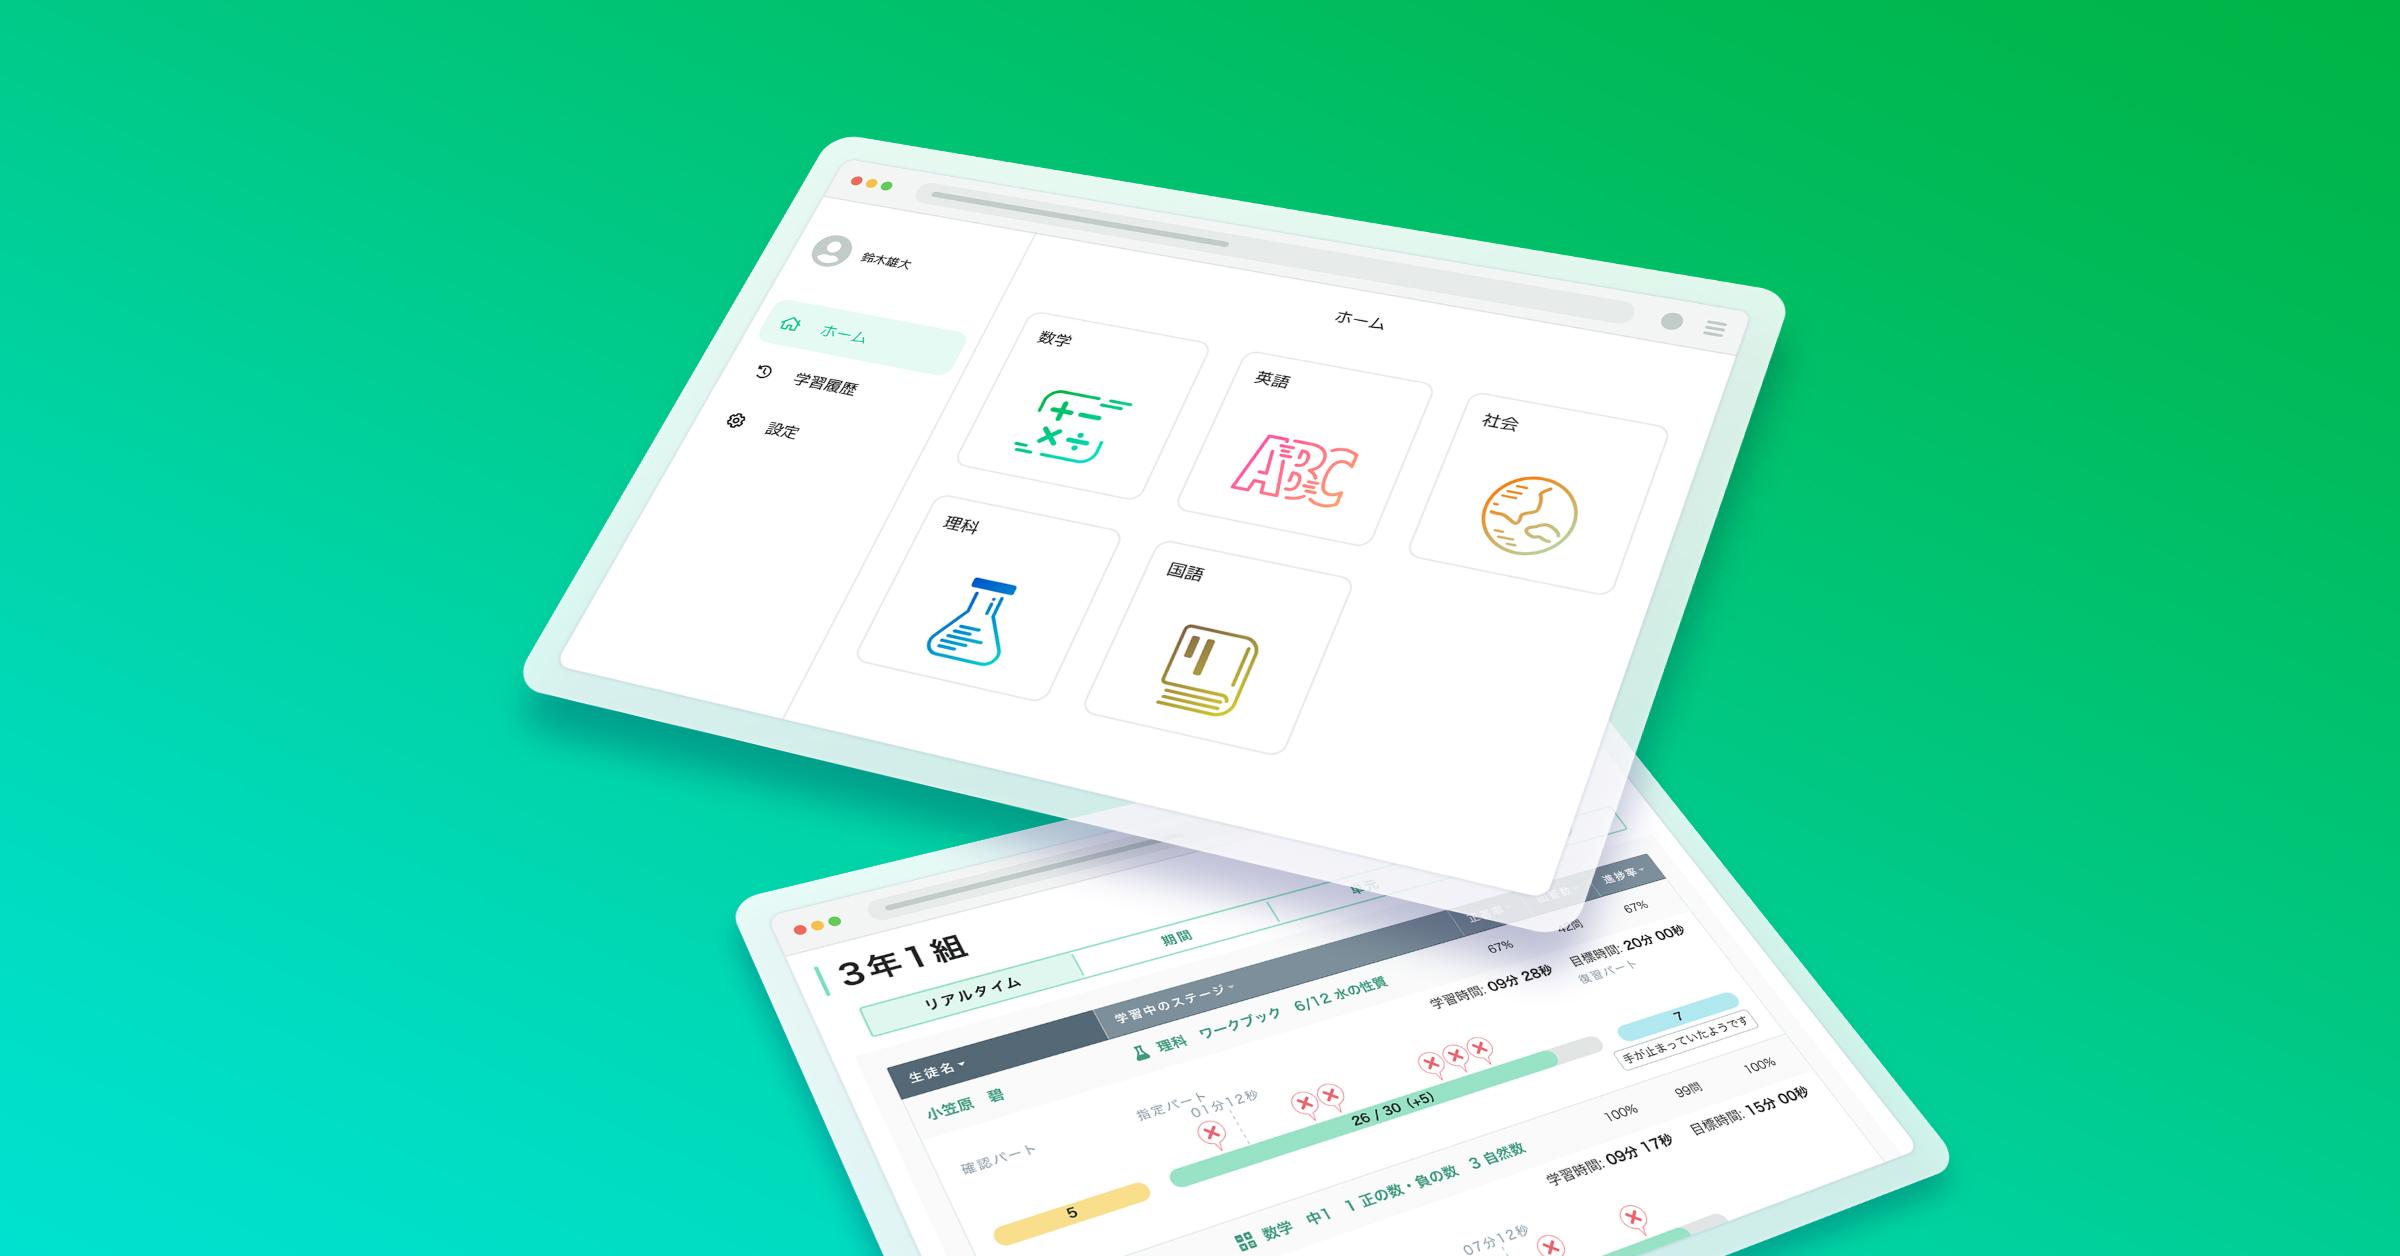 【デザイナー】UI/UXデザイナー